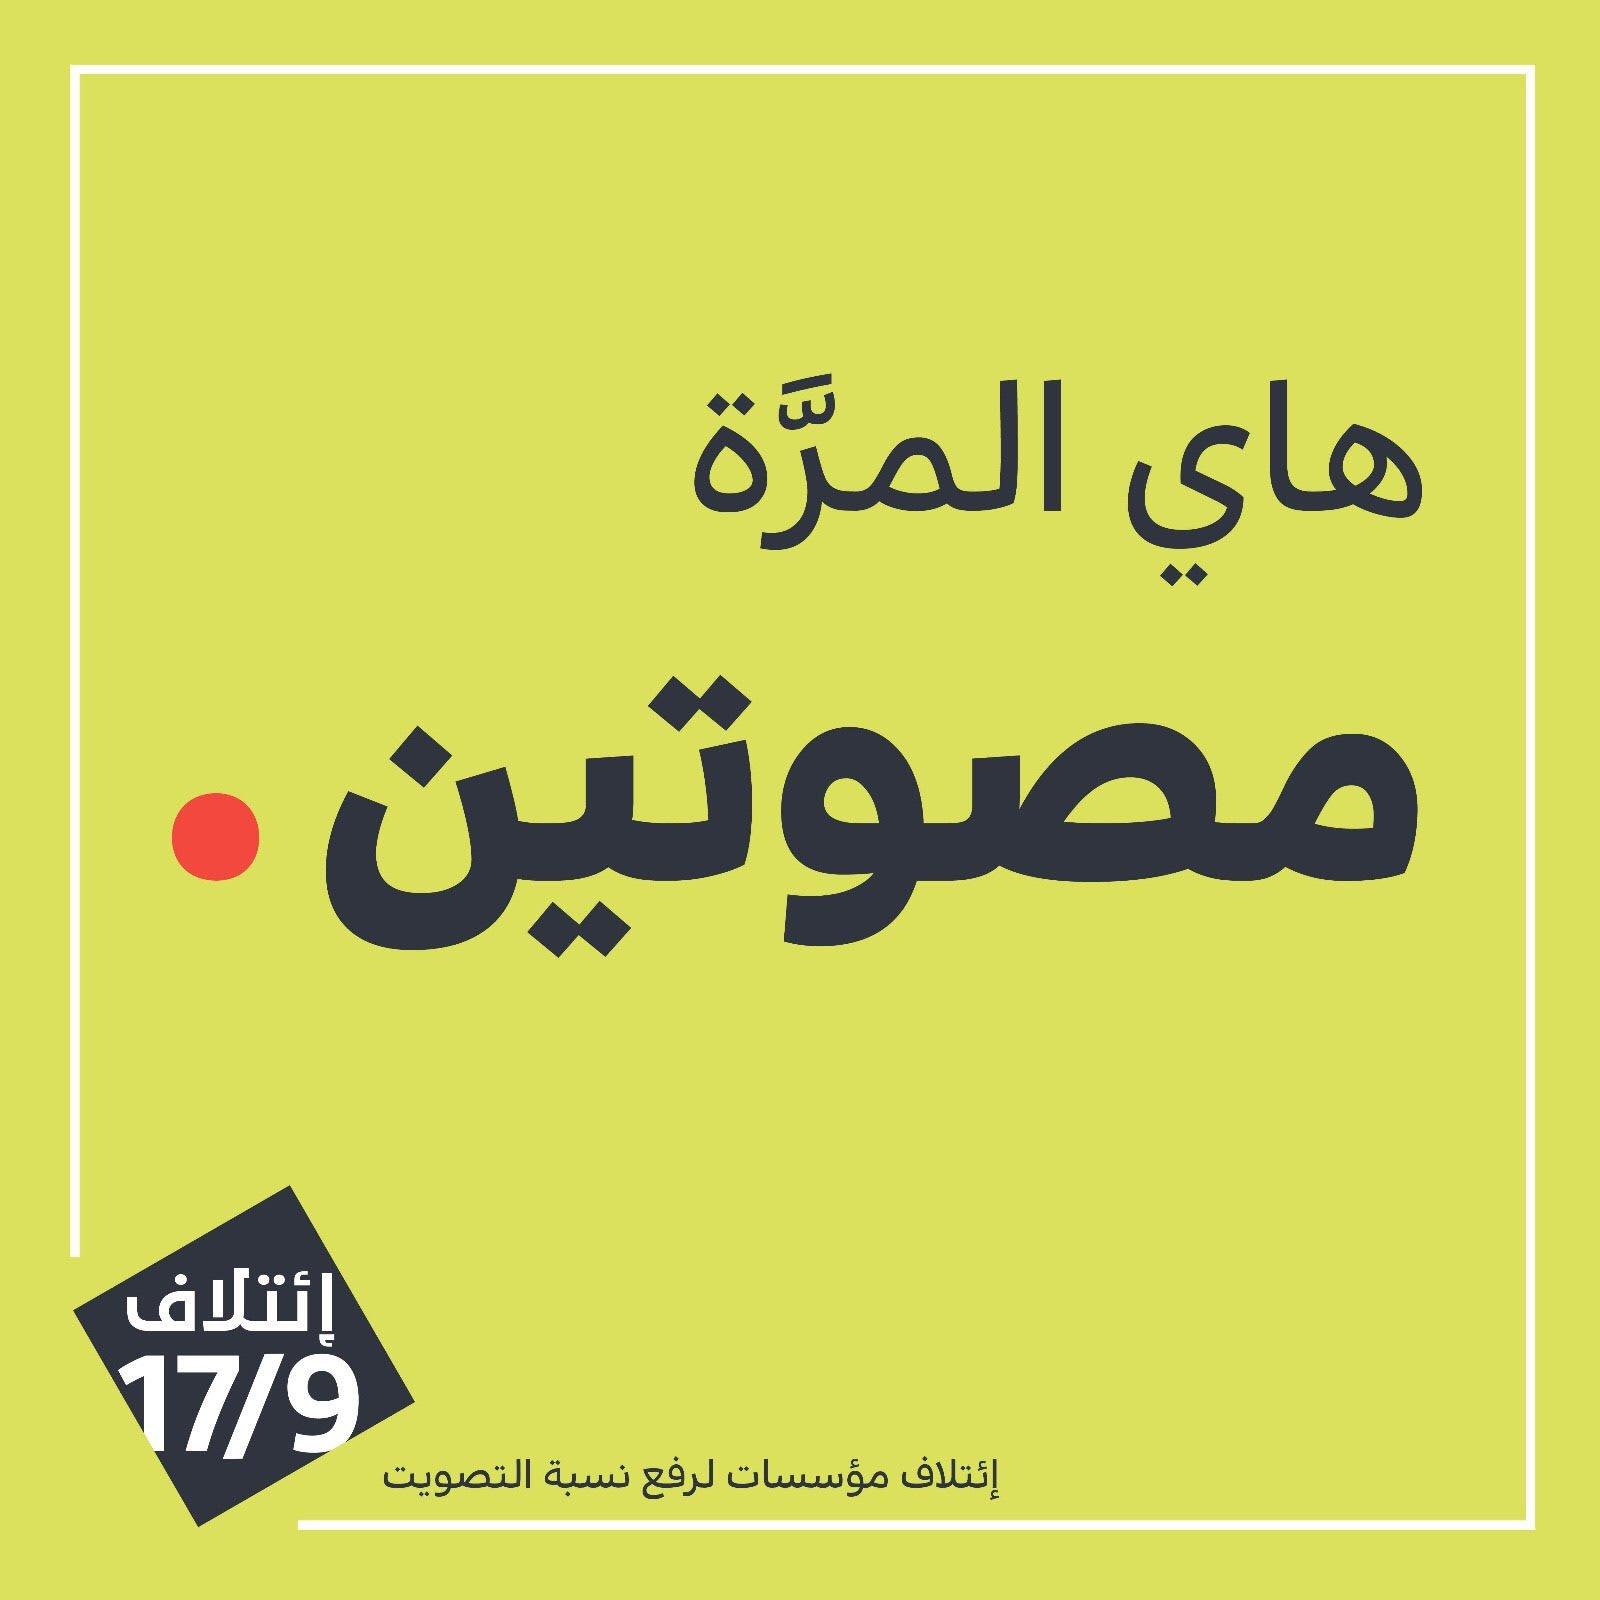 حملة شرسة ضد التصويت، وإغلاق صفحة هاي المرة مصوتين في الانستغرام*